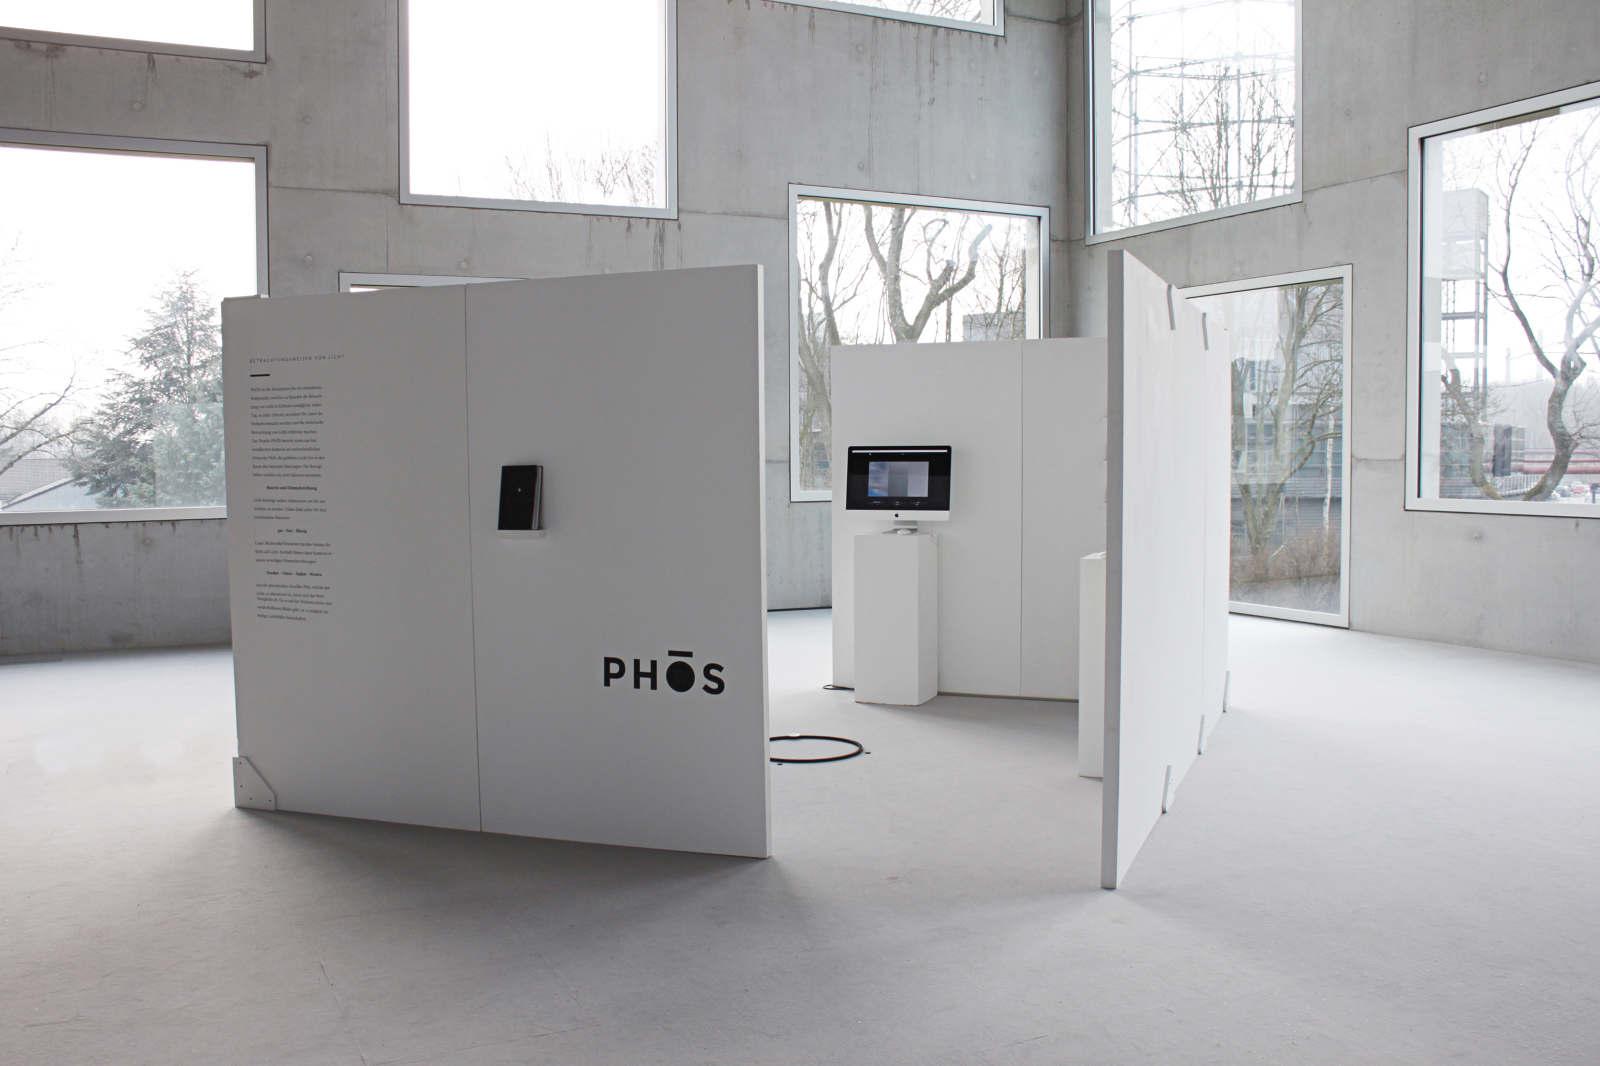 phos4_1600_c